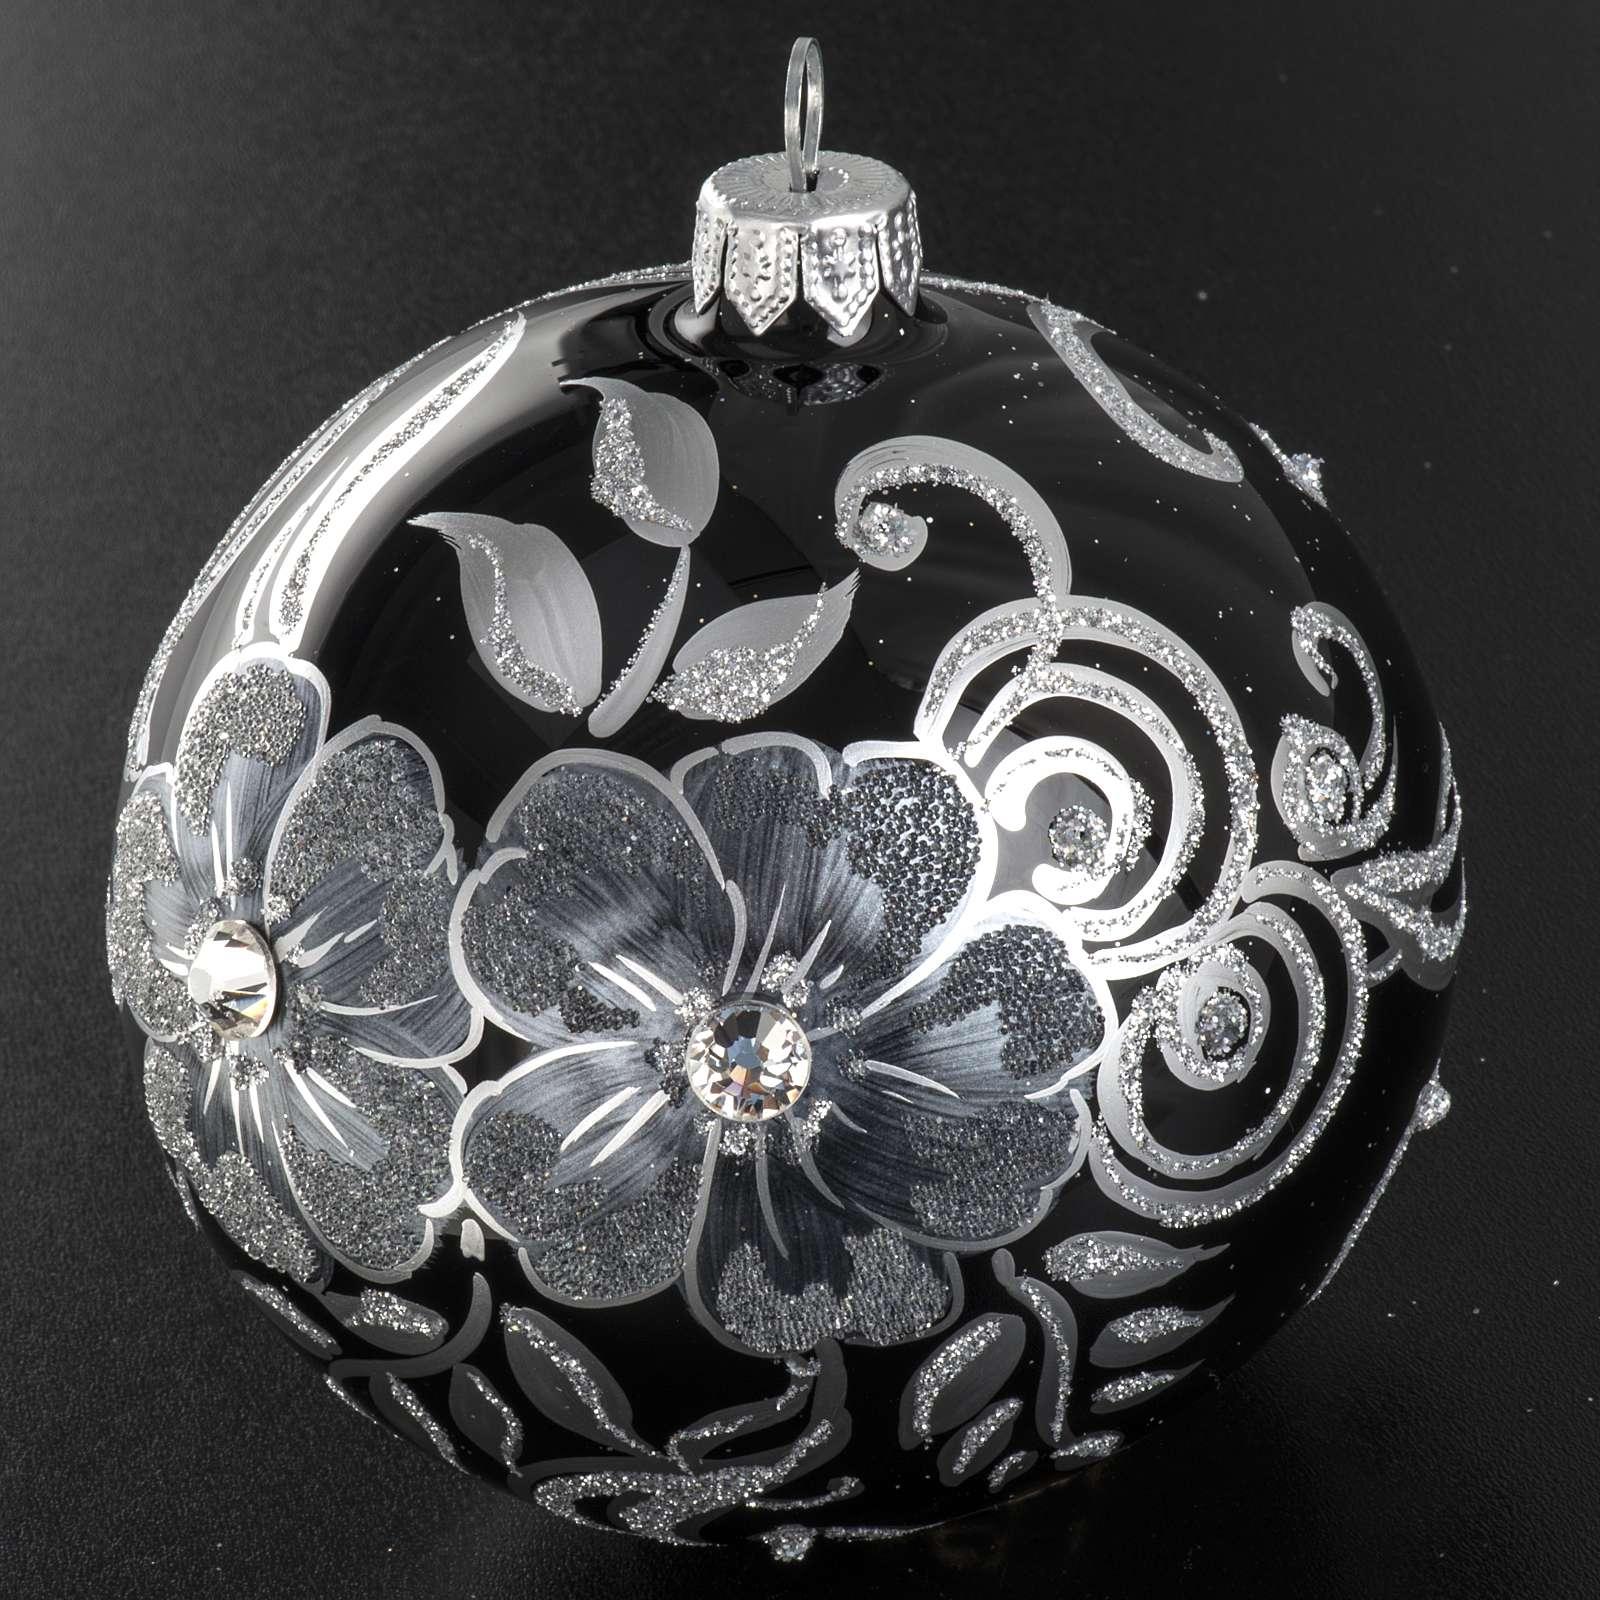 Addobbo albero Natale sfera vetro nero argento 10 cm 4